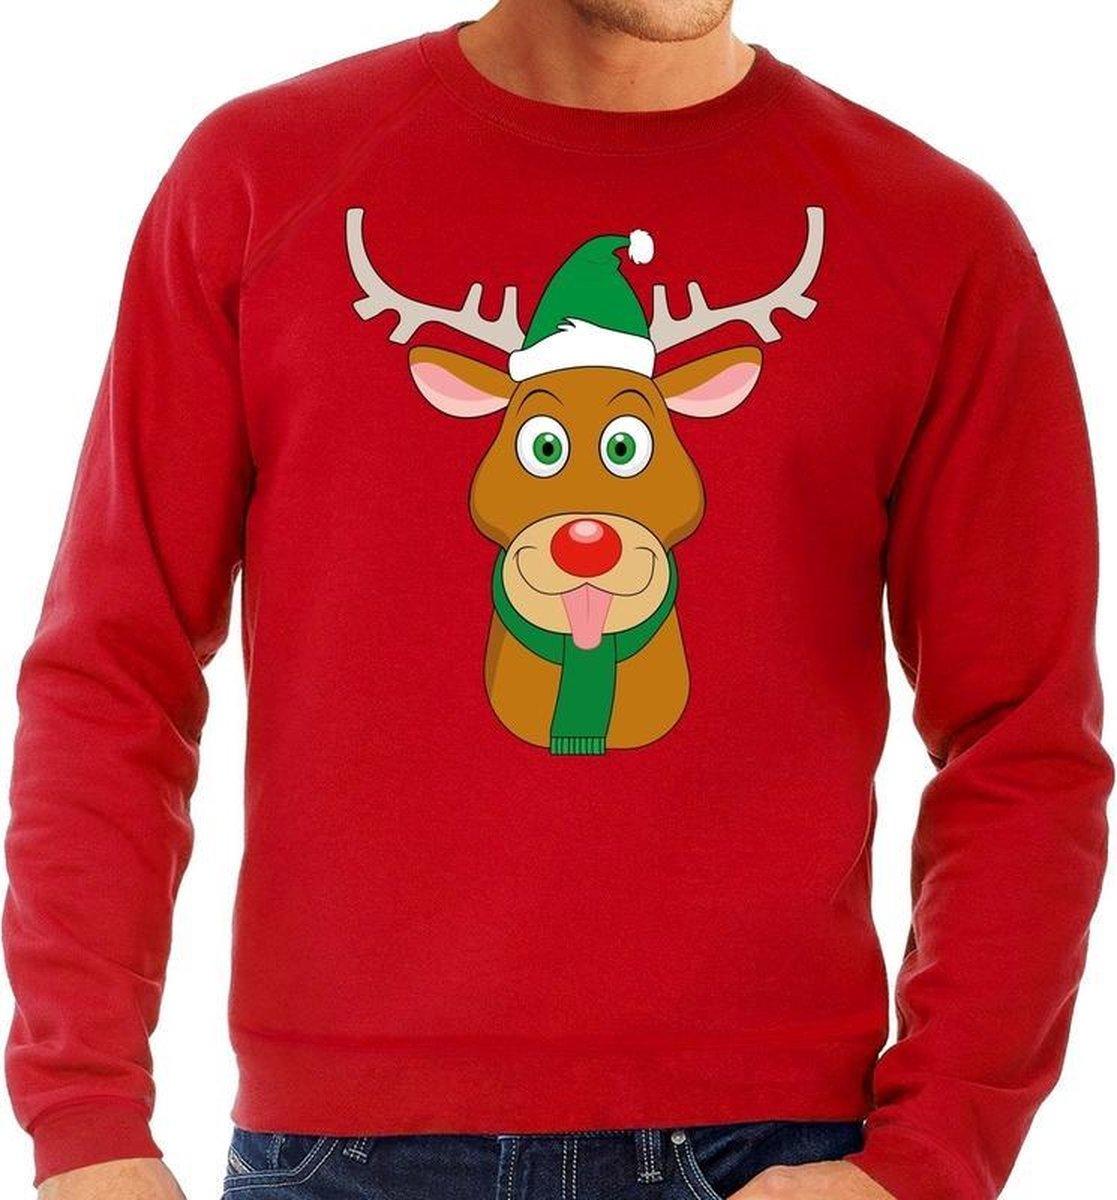 Foute kersttrui / sweater met Rudolf het rendier met groene kerstmuts rood voor heren - Kersttruien L (52) - Bellatio Decorations